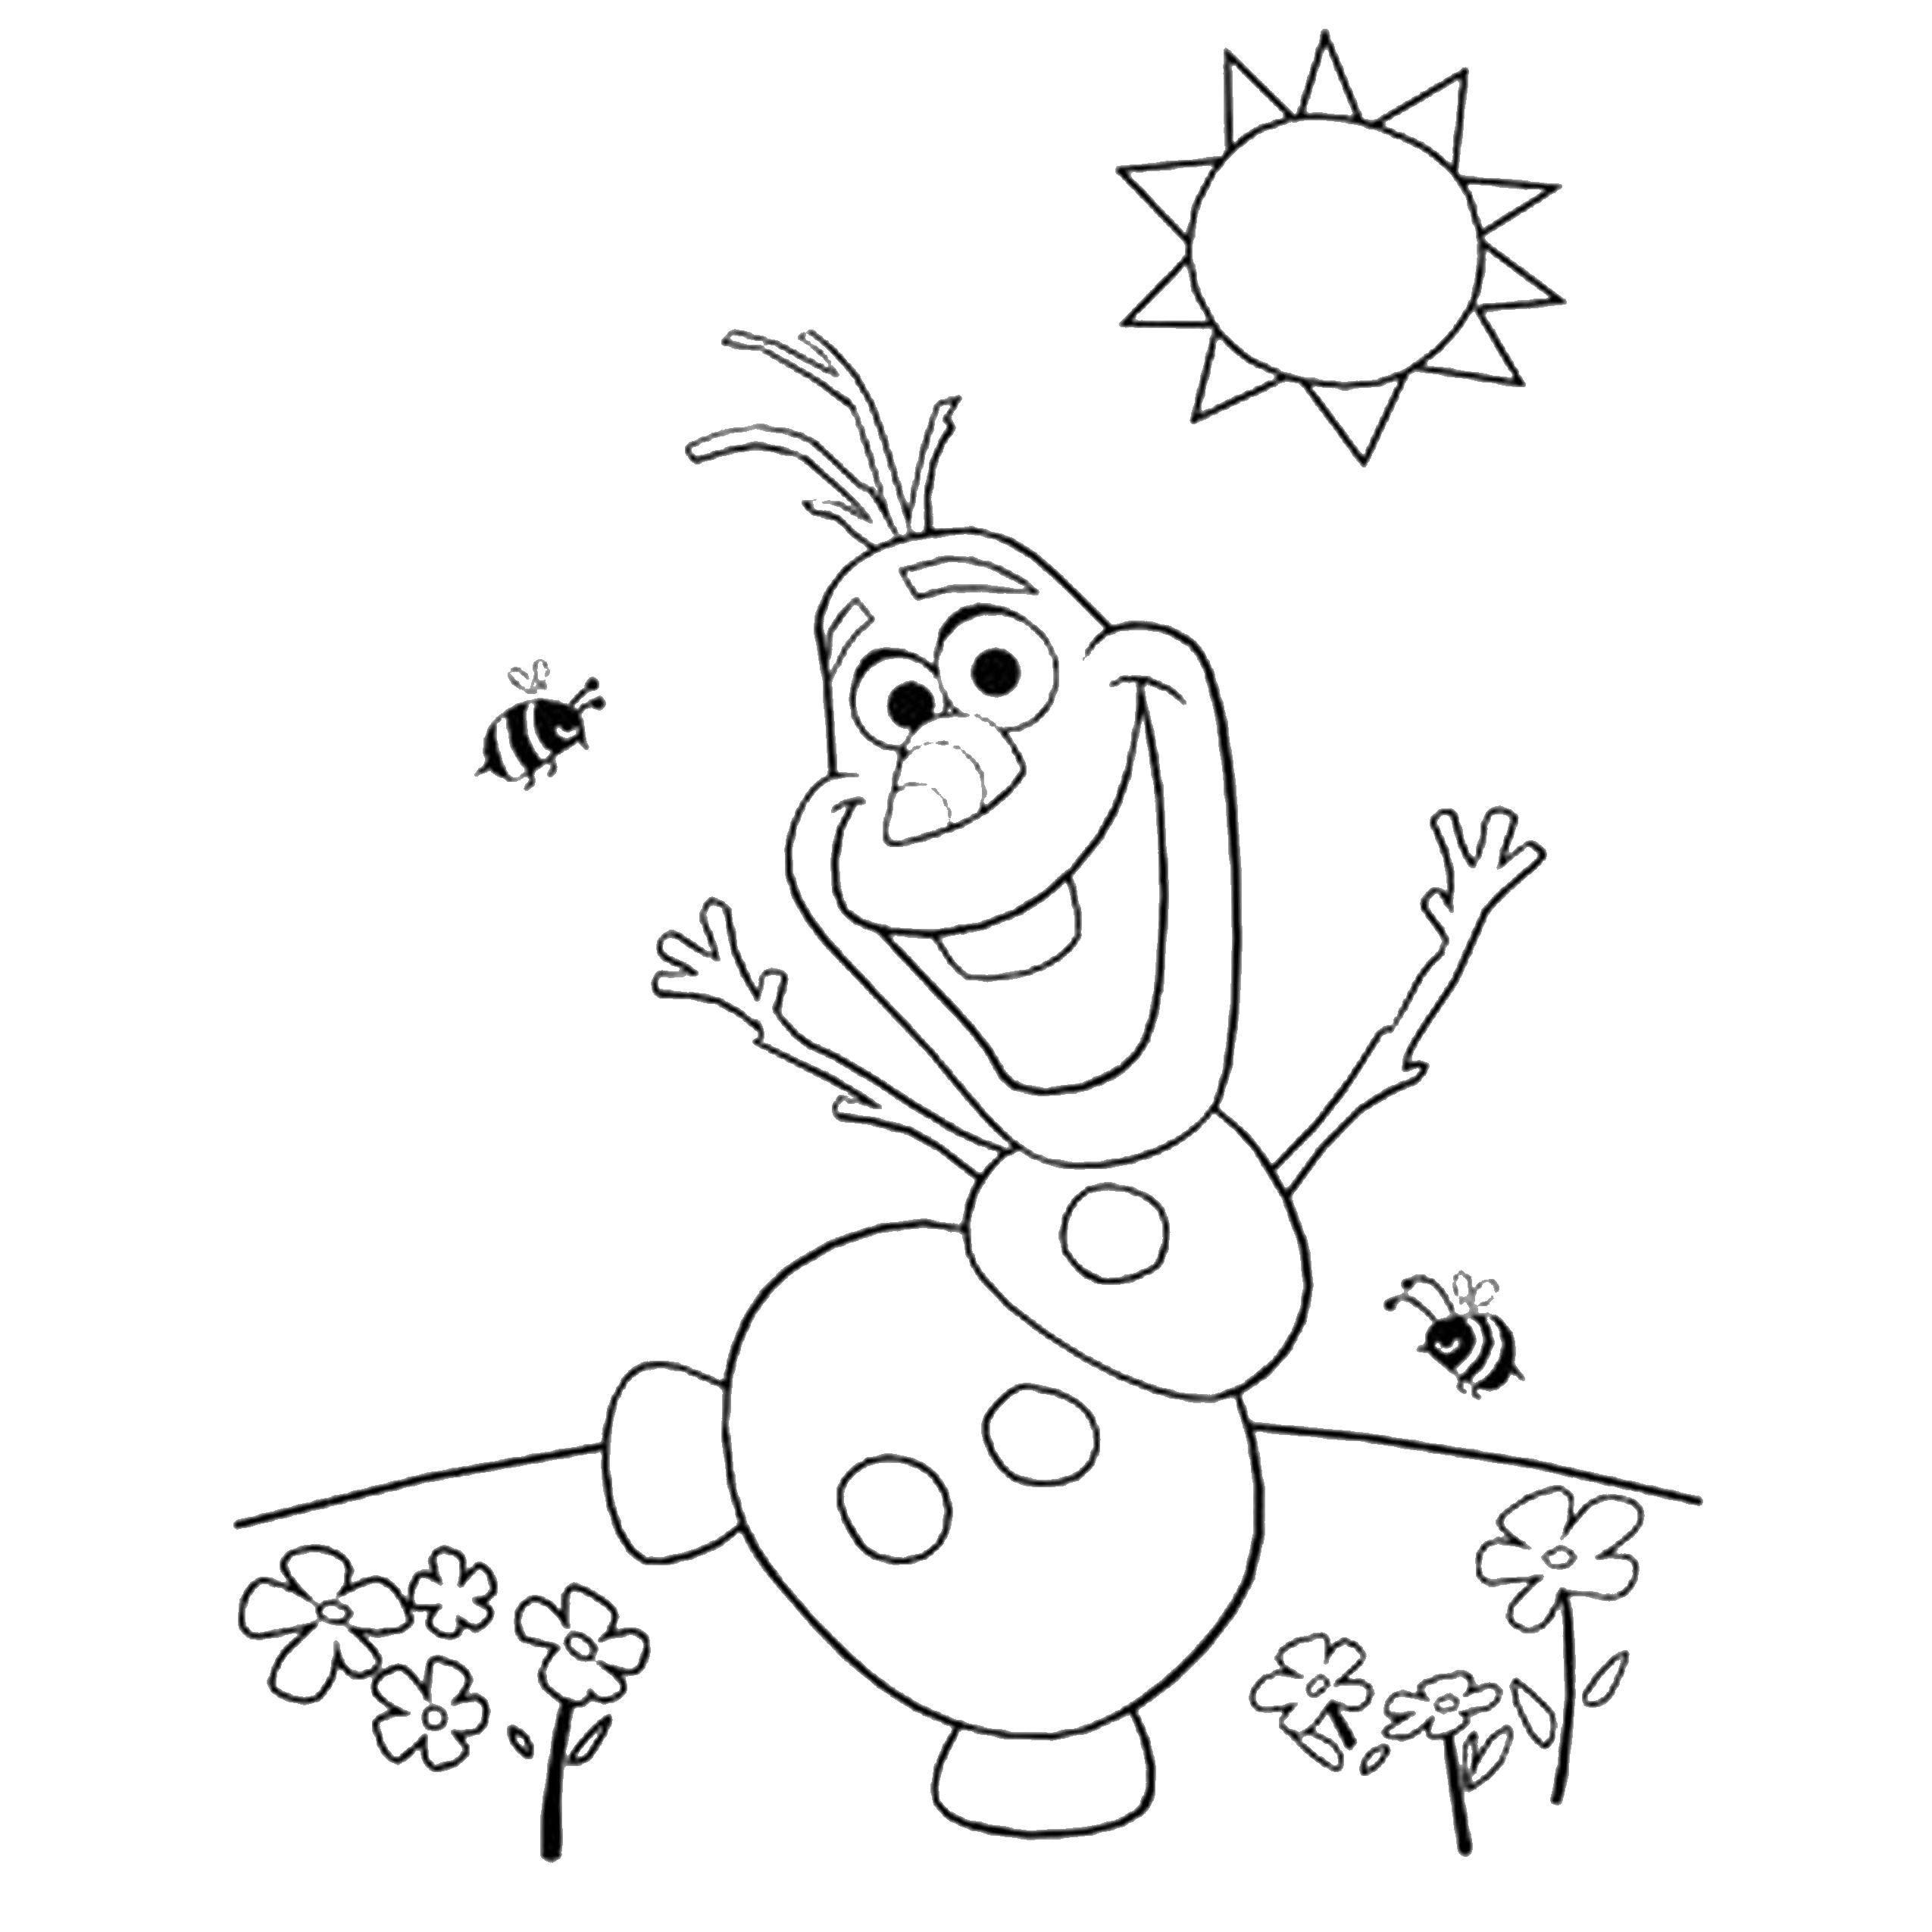 Раскраска Снеговик олаф Скачать снеговик Олаф, холодное сердце.  Распечатать ,Персонаж из мультфильма,